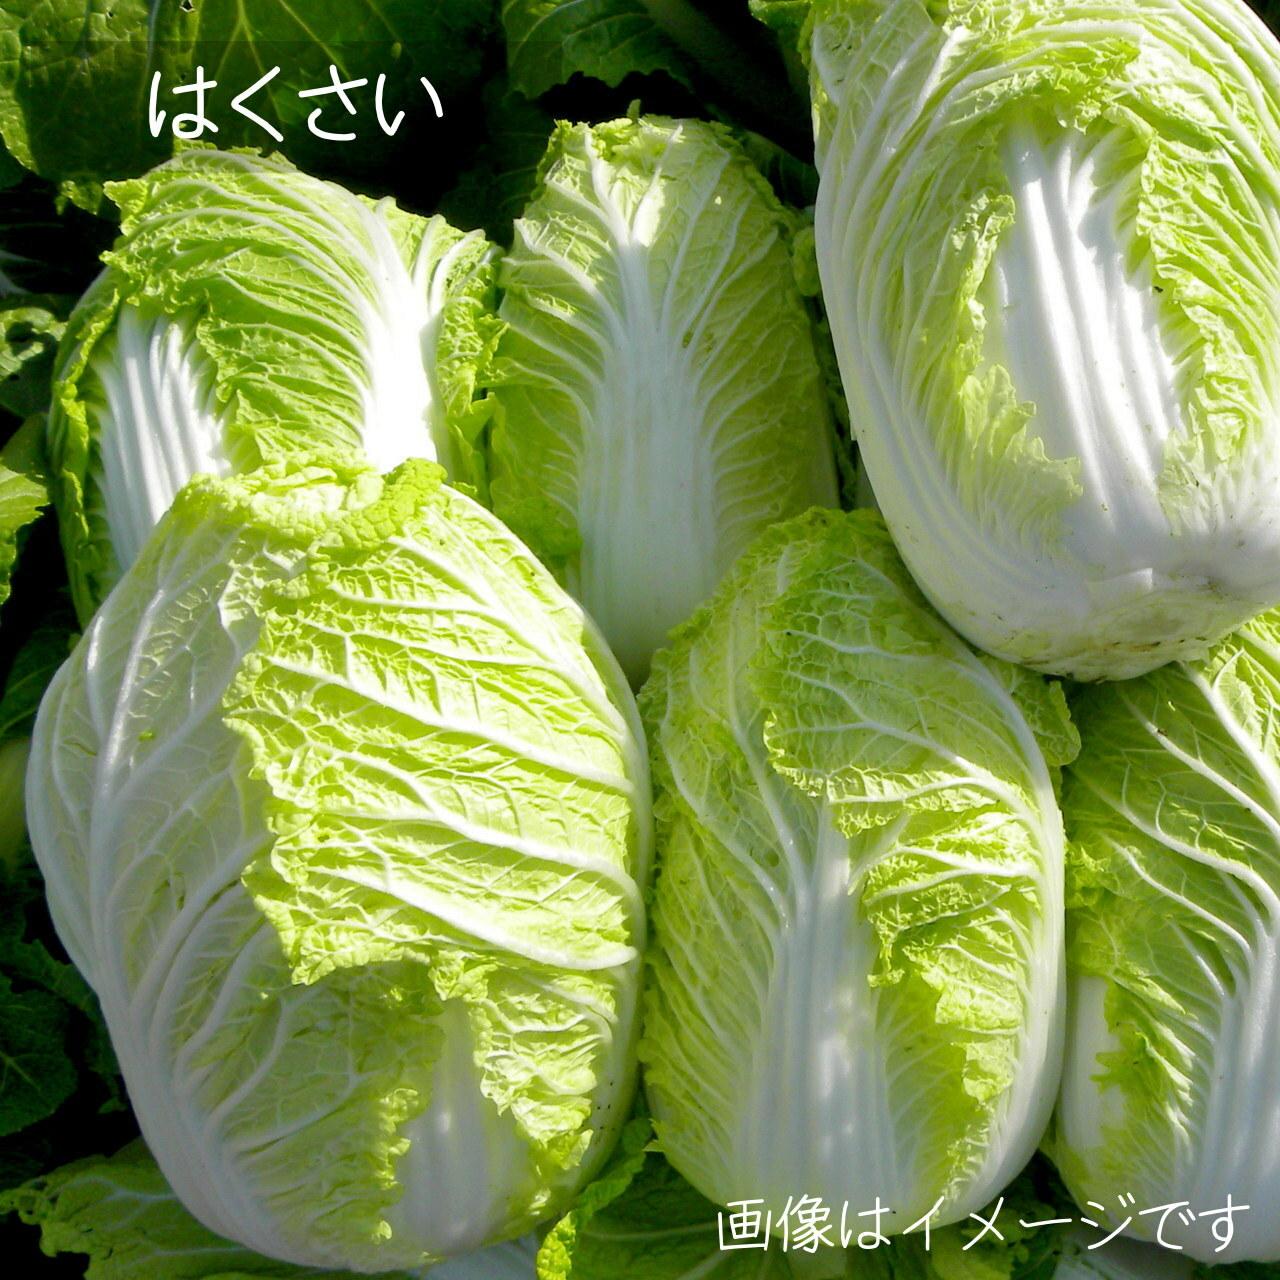 新鮮な秋野菜 : 白菜 1個 11月の朝採り直売野菜 11月9日発送予定